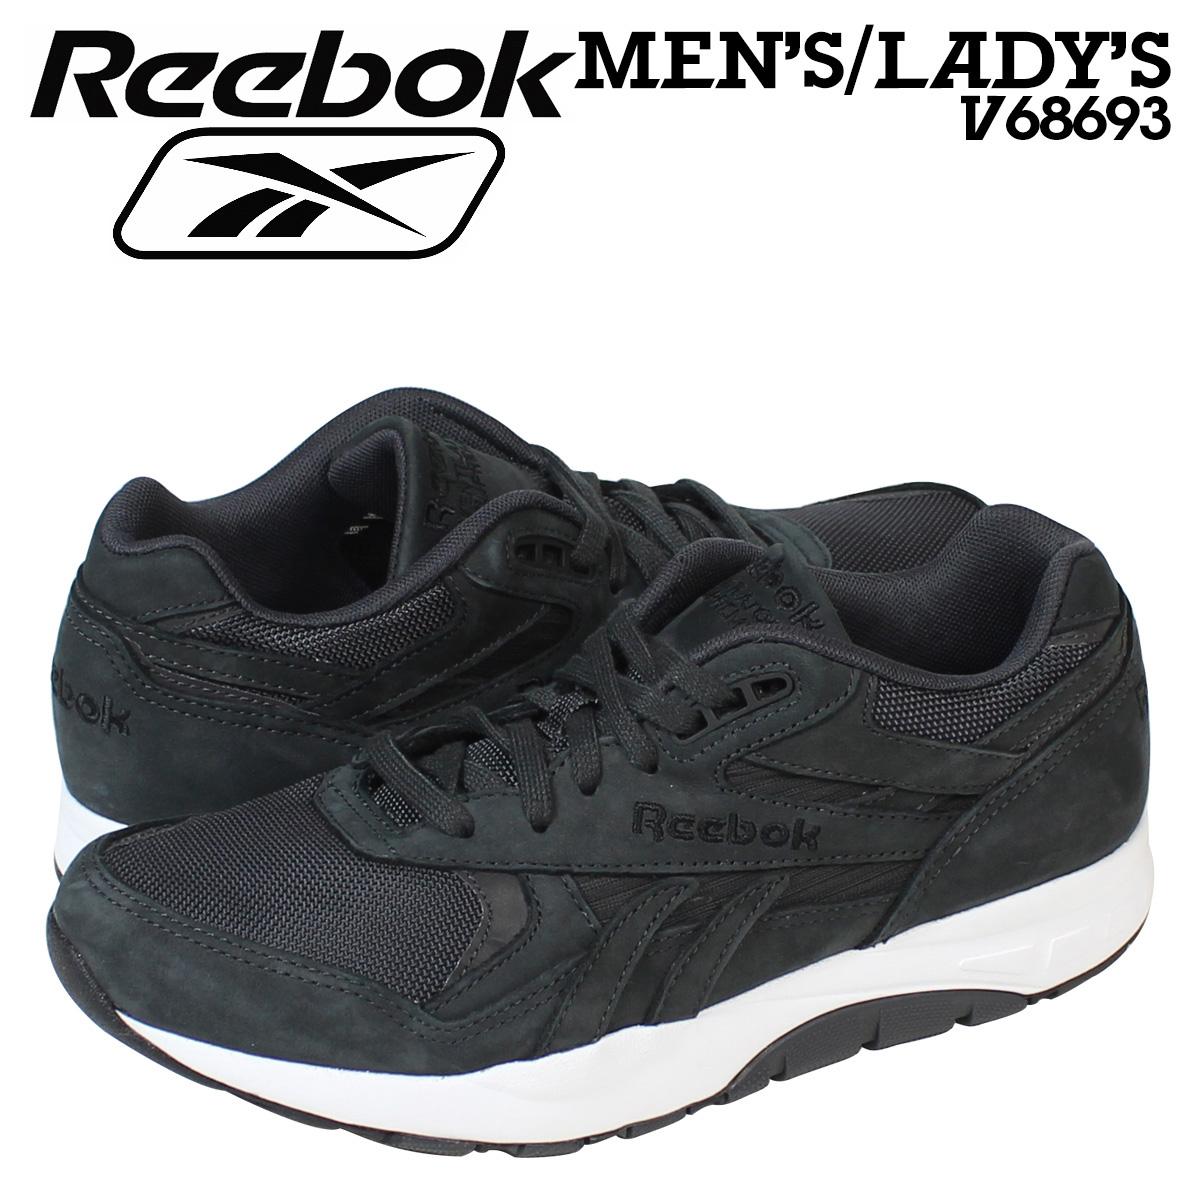 6cb32322ebdef0 Reebok Reebok ventilator Supreme sneaker VENTILATOR SUPREME V68693 men s  women s shoes black